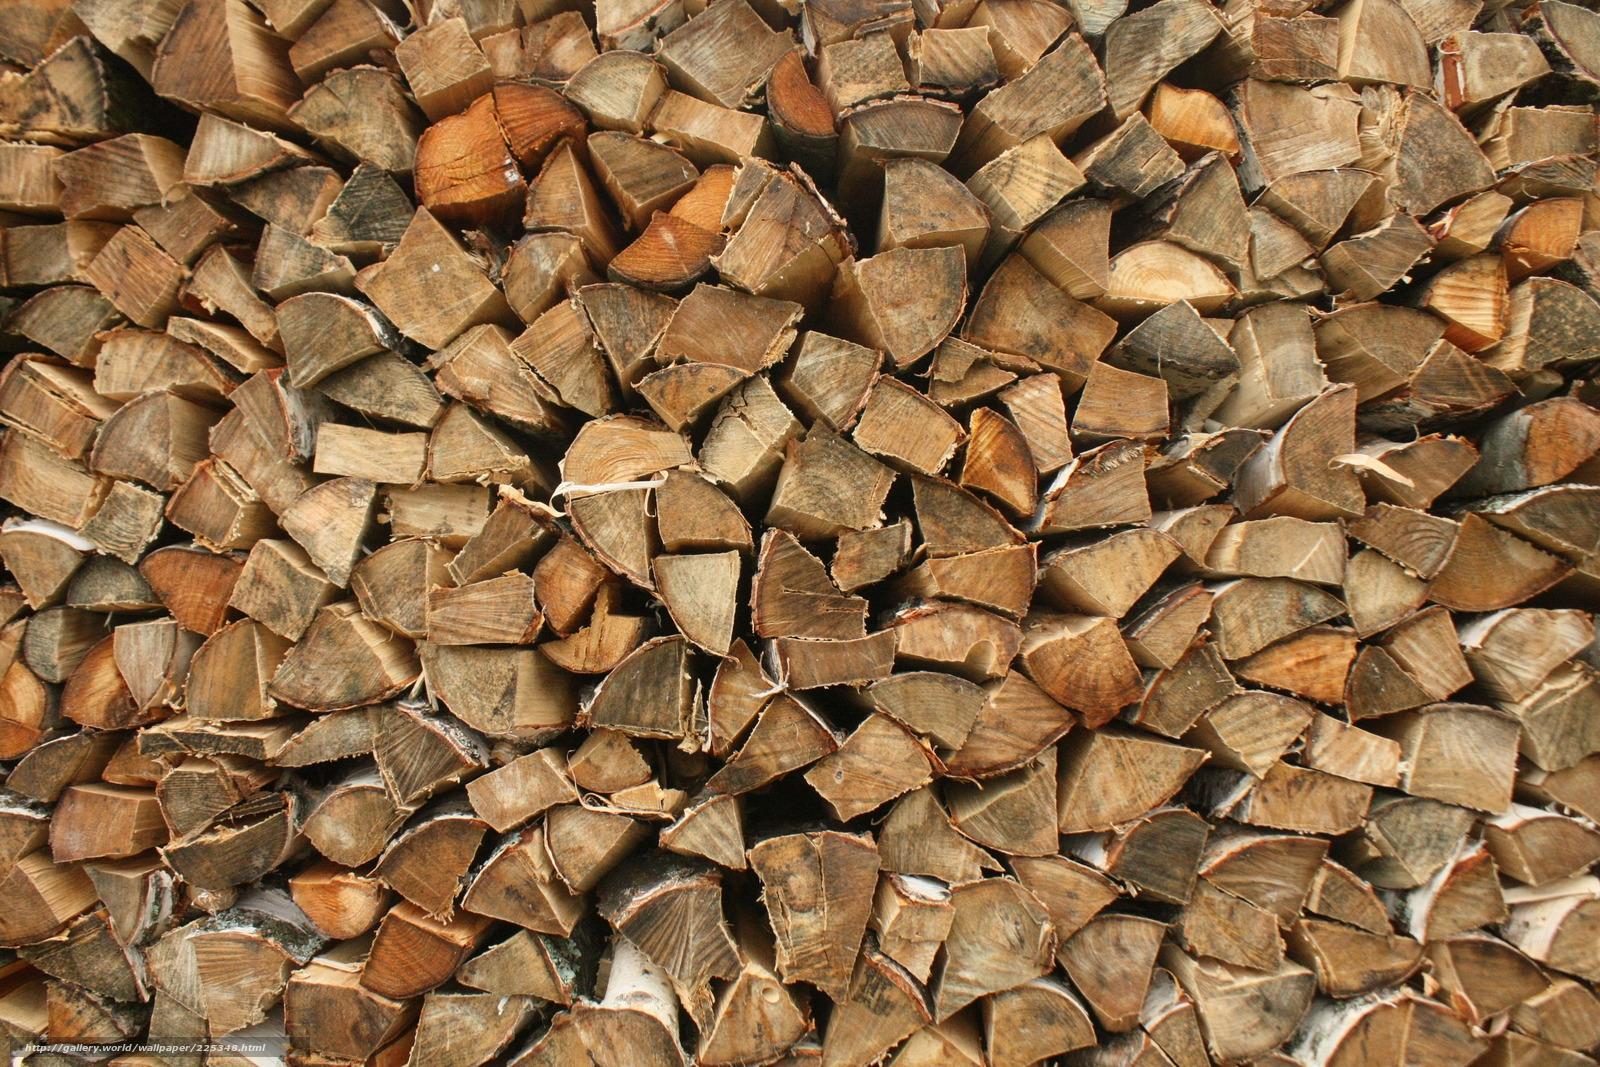 tlcharger fond d 39 ecran bois de chauffage arbre bouleau fonds d 39 ecran gratuits pour votre. Black Bedroom Furniture Sets. Home Design Ideas